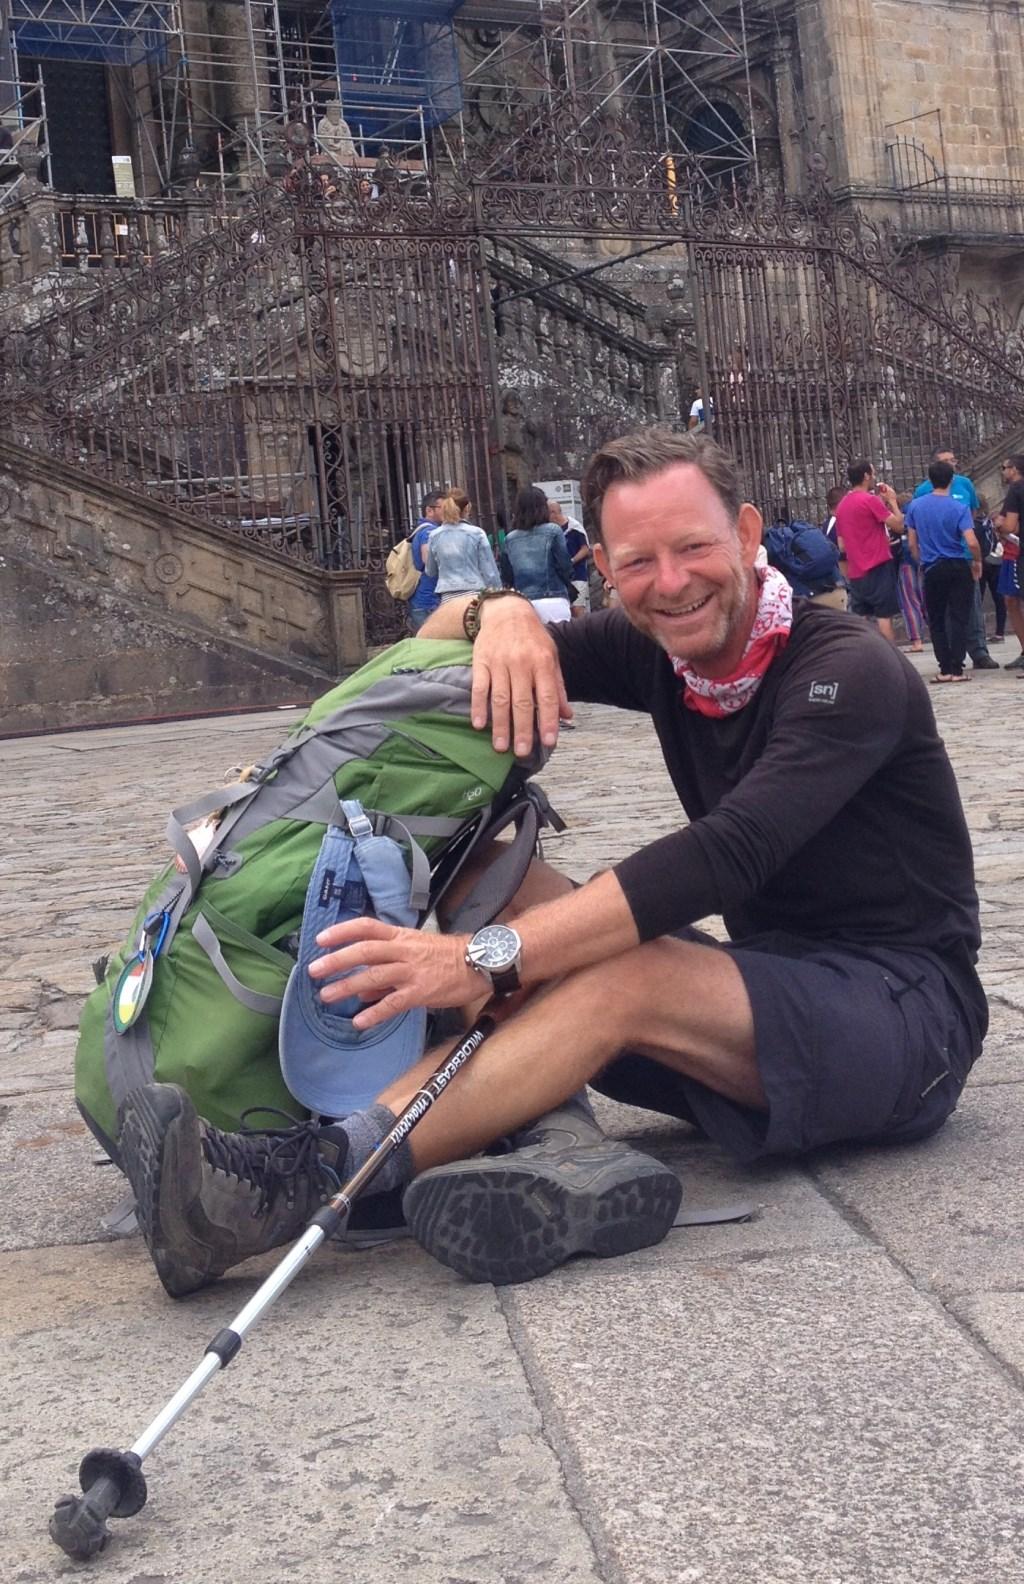 Schrijver Henk Murraij stippelde een wandeling uit. Wil je meewandelen? Je hoeft je niet aan te melden, je kan gewoon aansluiten.